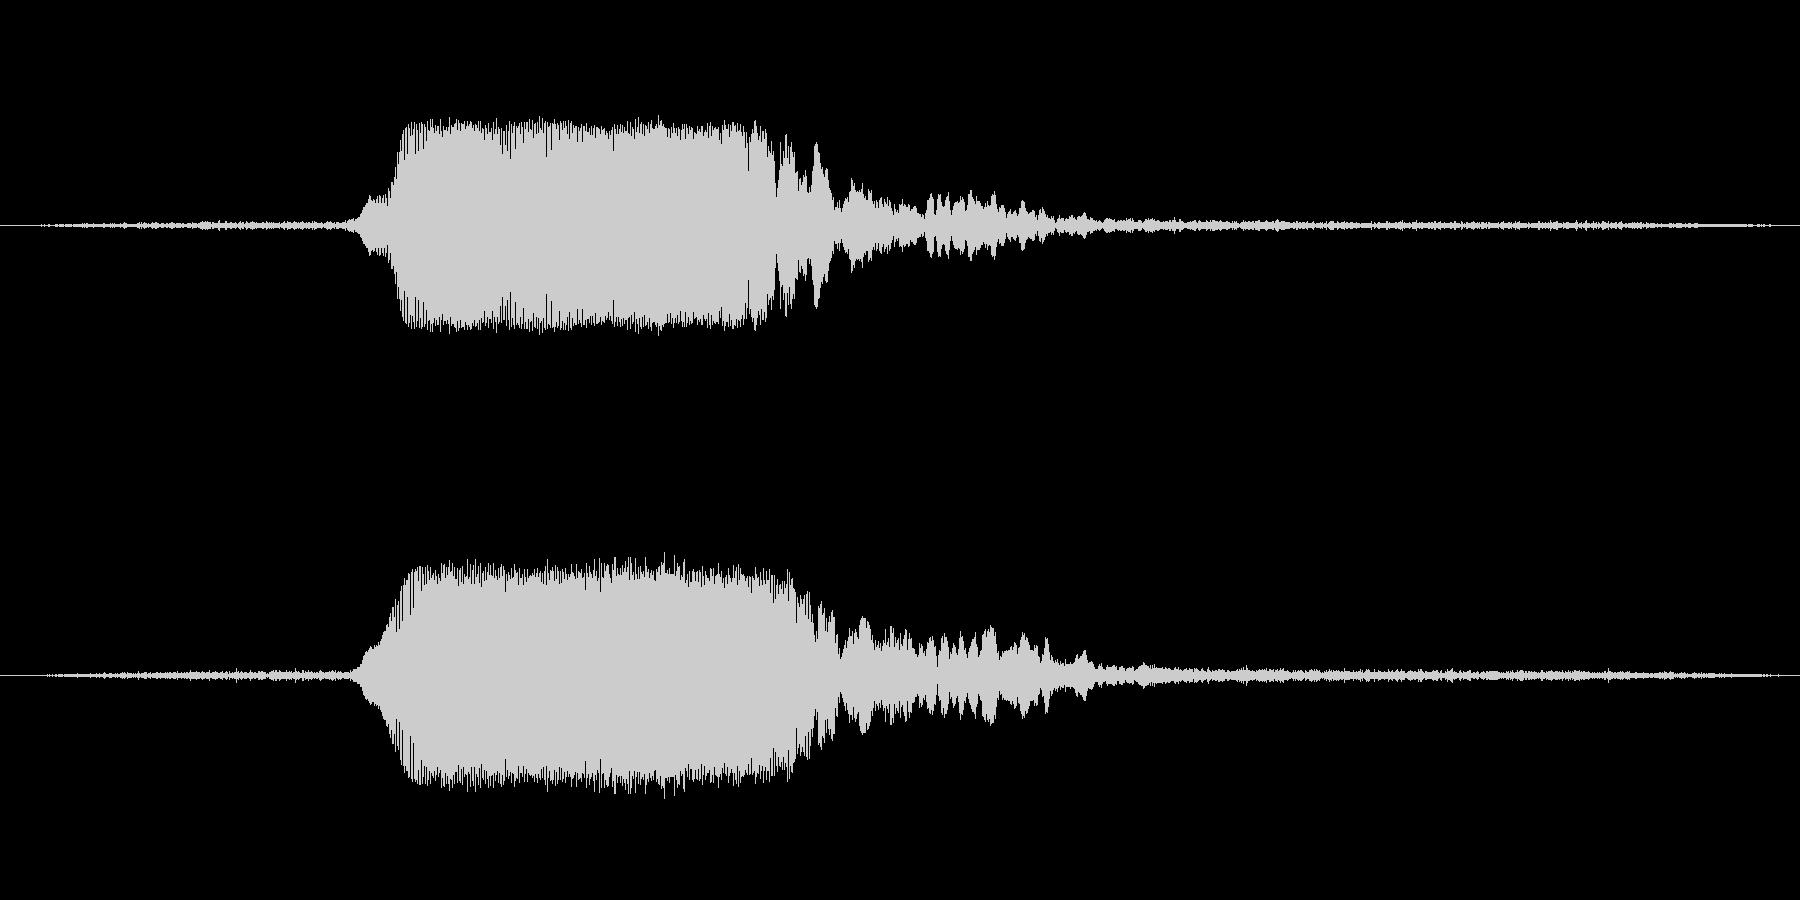 機関車の短い警笛 の未再生の波形